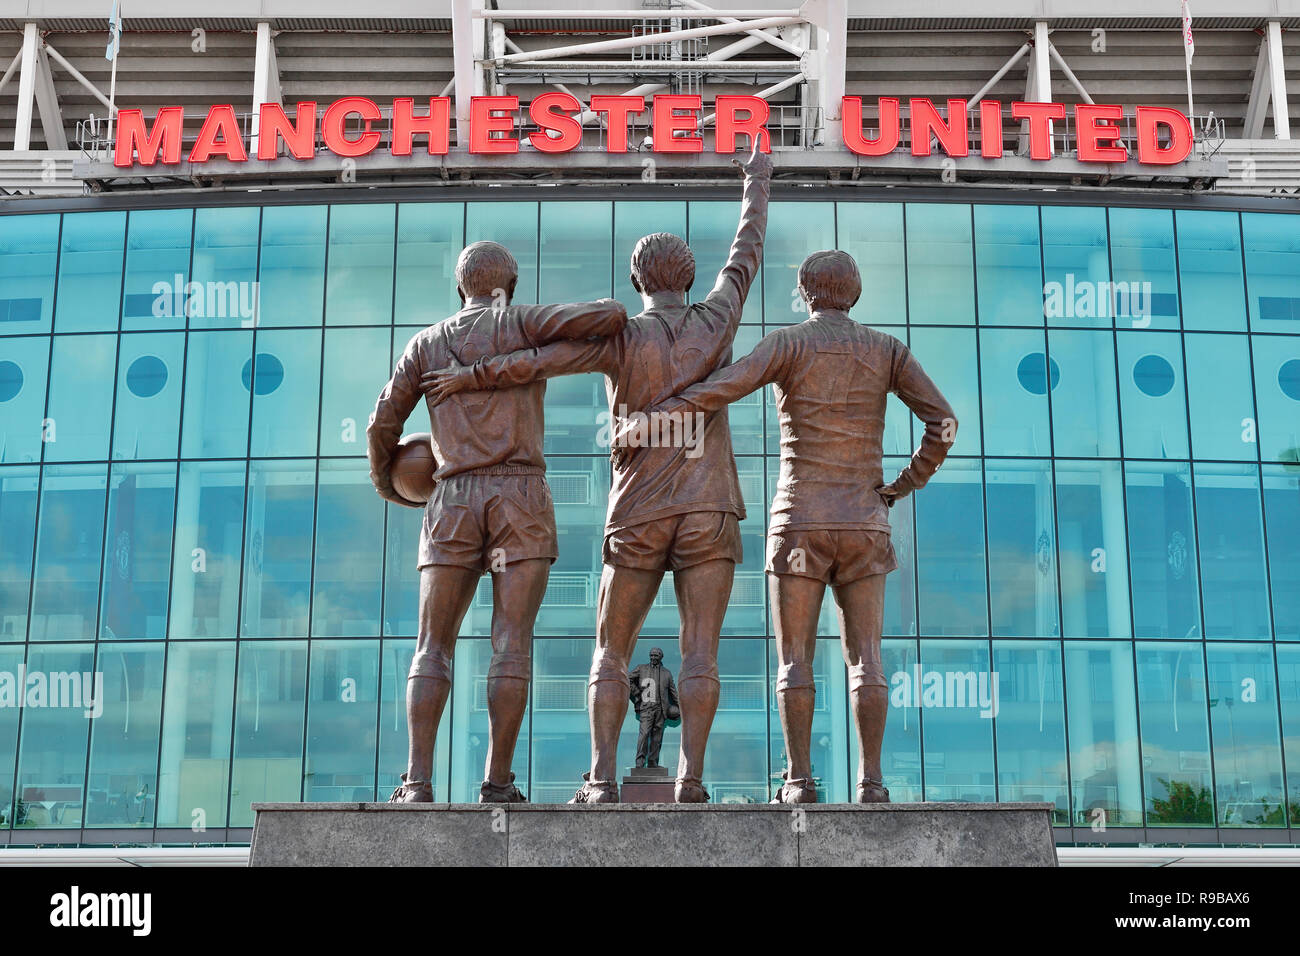 Old Trafford Stadium, casa per il Manchester United Football Club, England, Regno Unito Immagini Stock